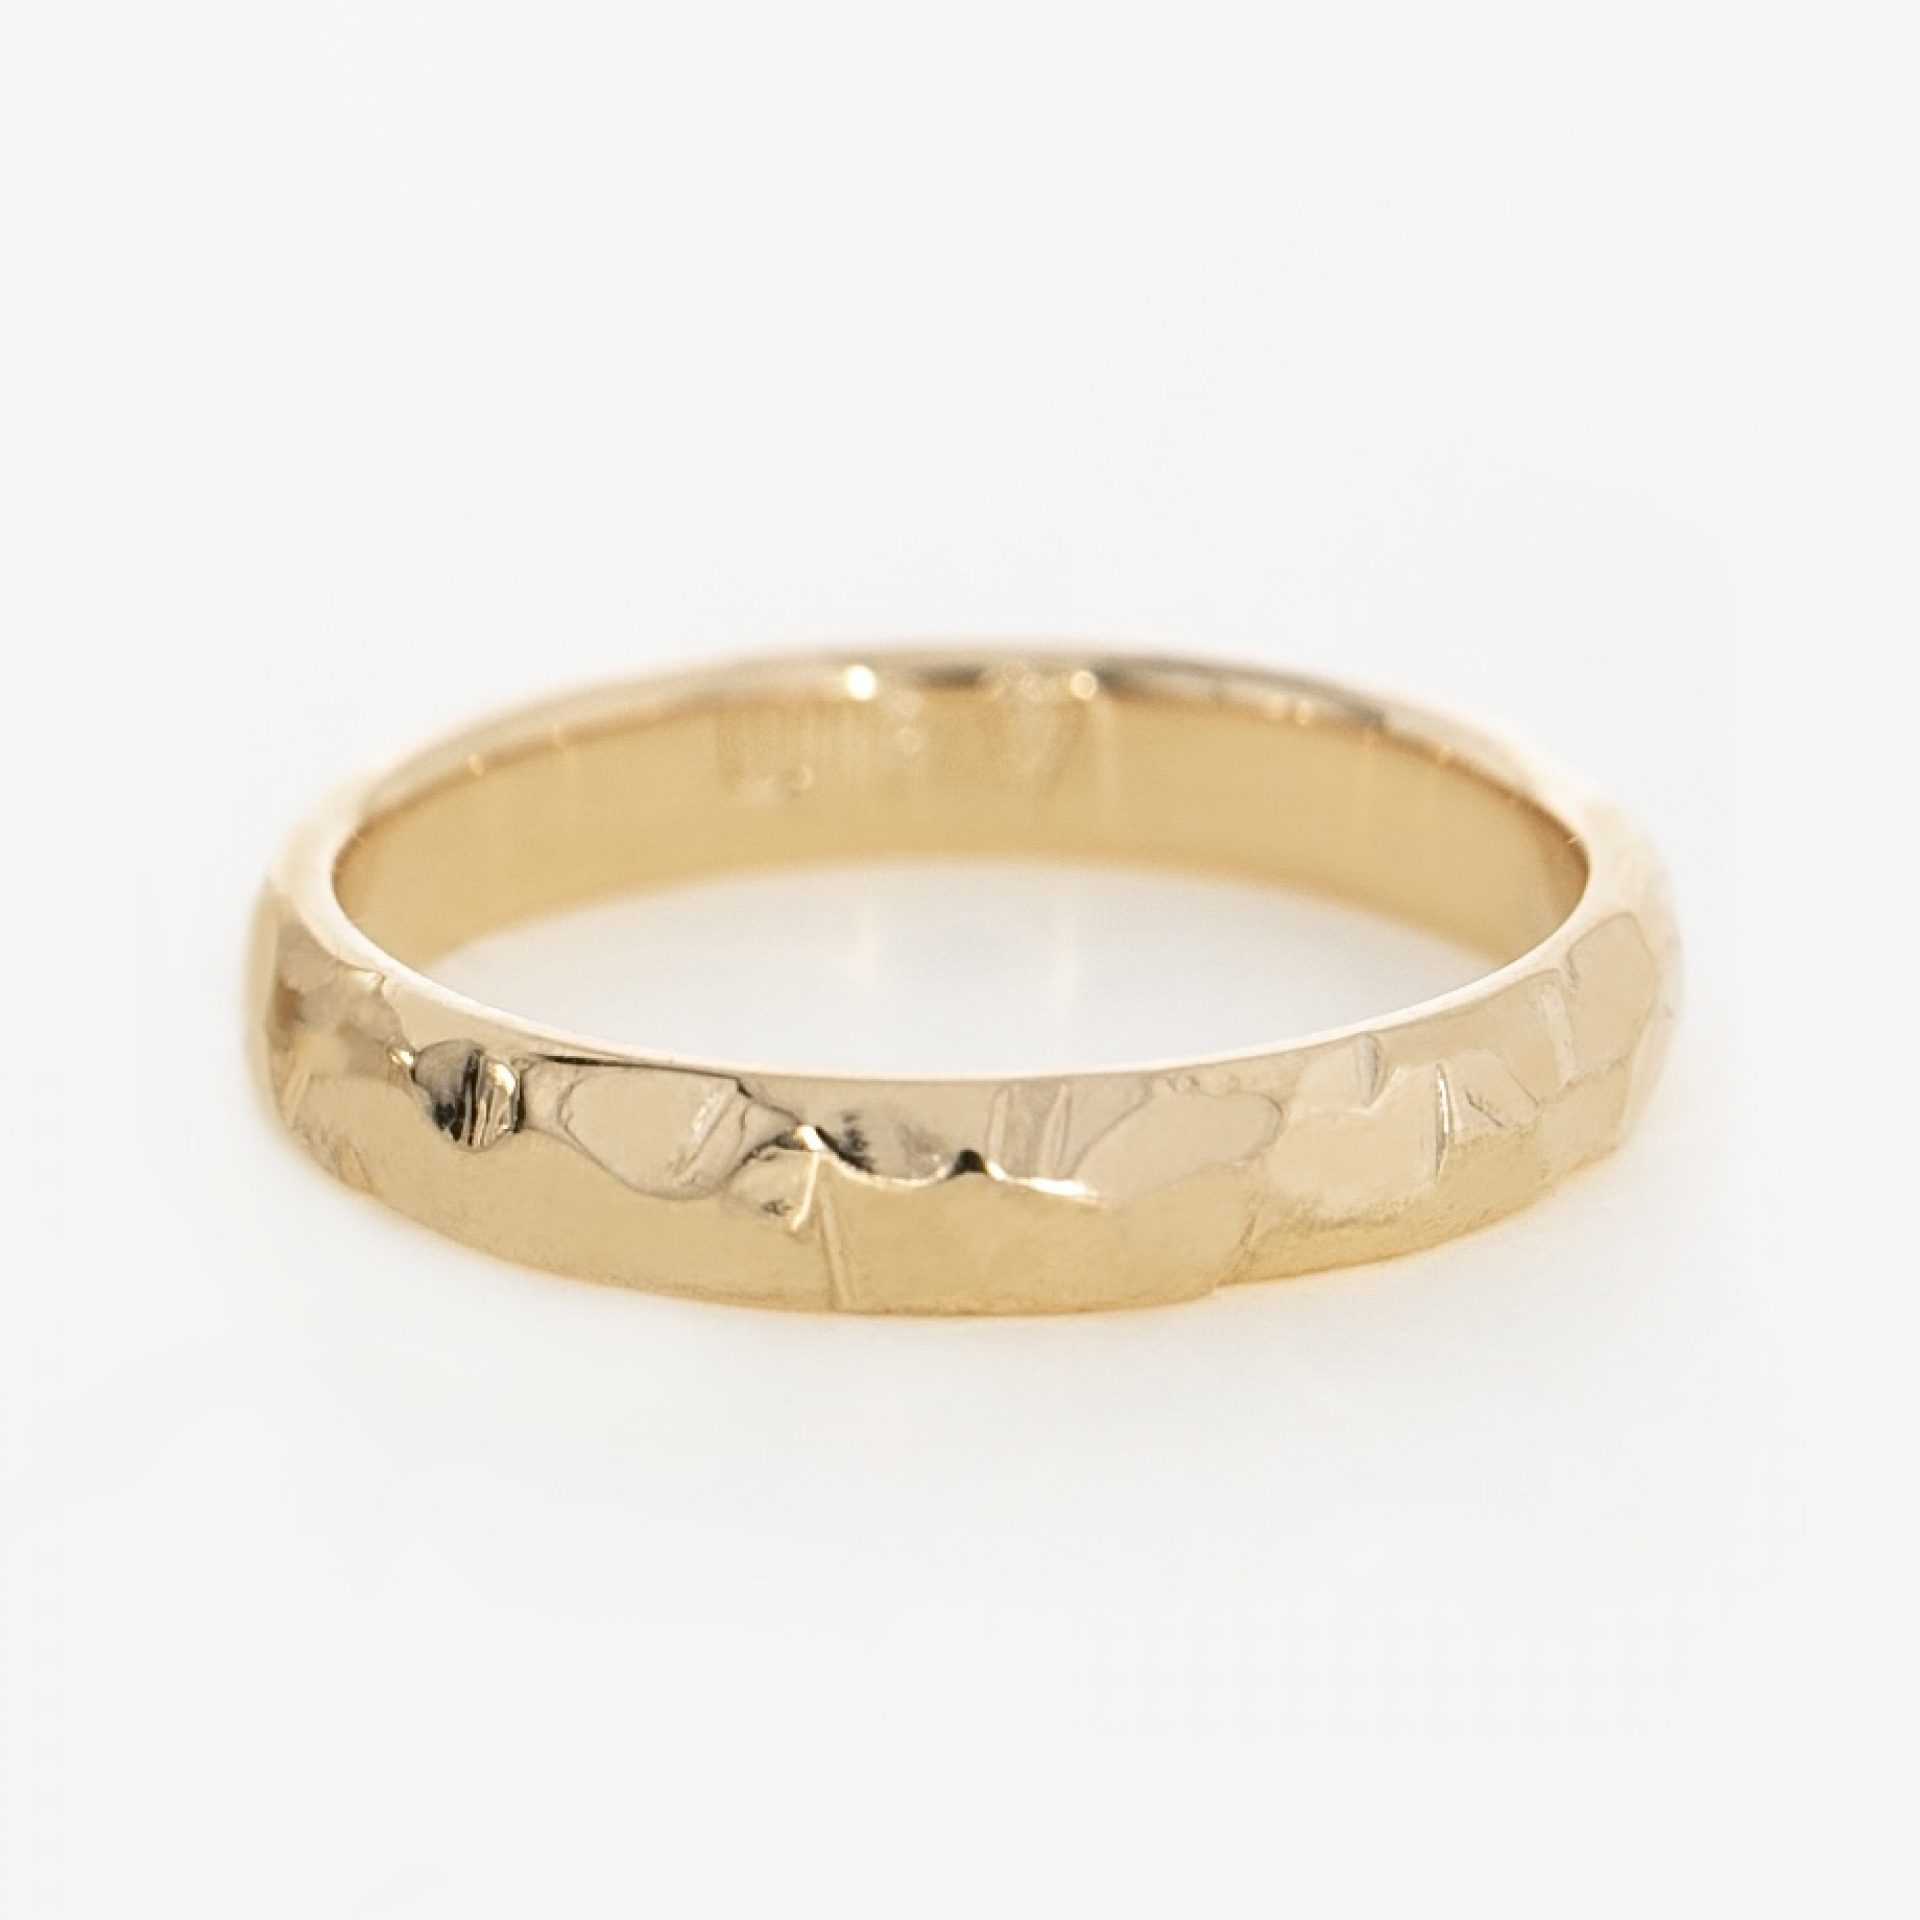 Ehering für Damen Ehering Schweizer Goldschmied Eheringe